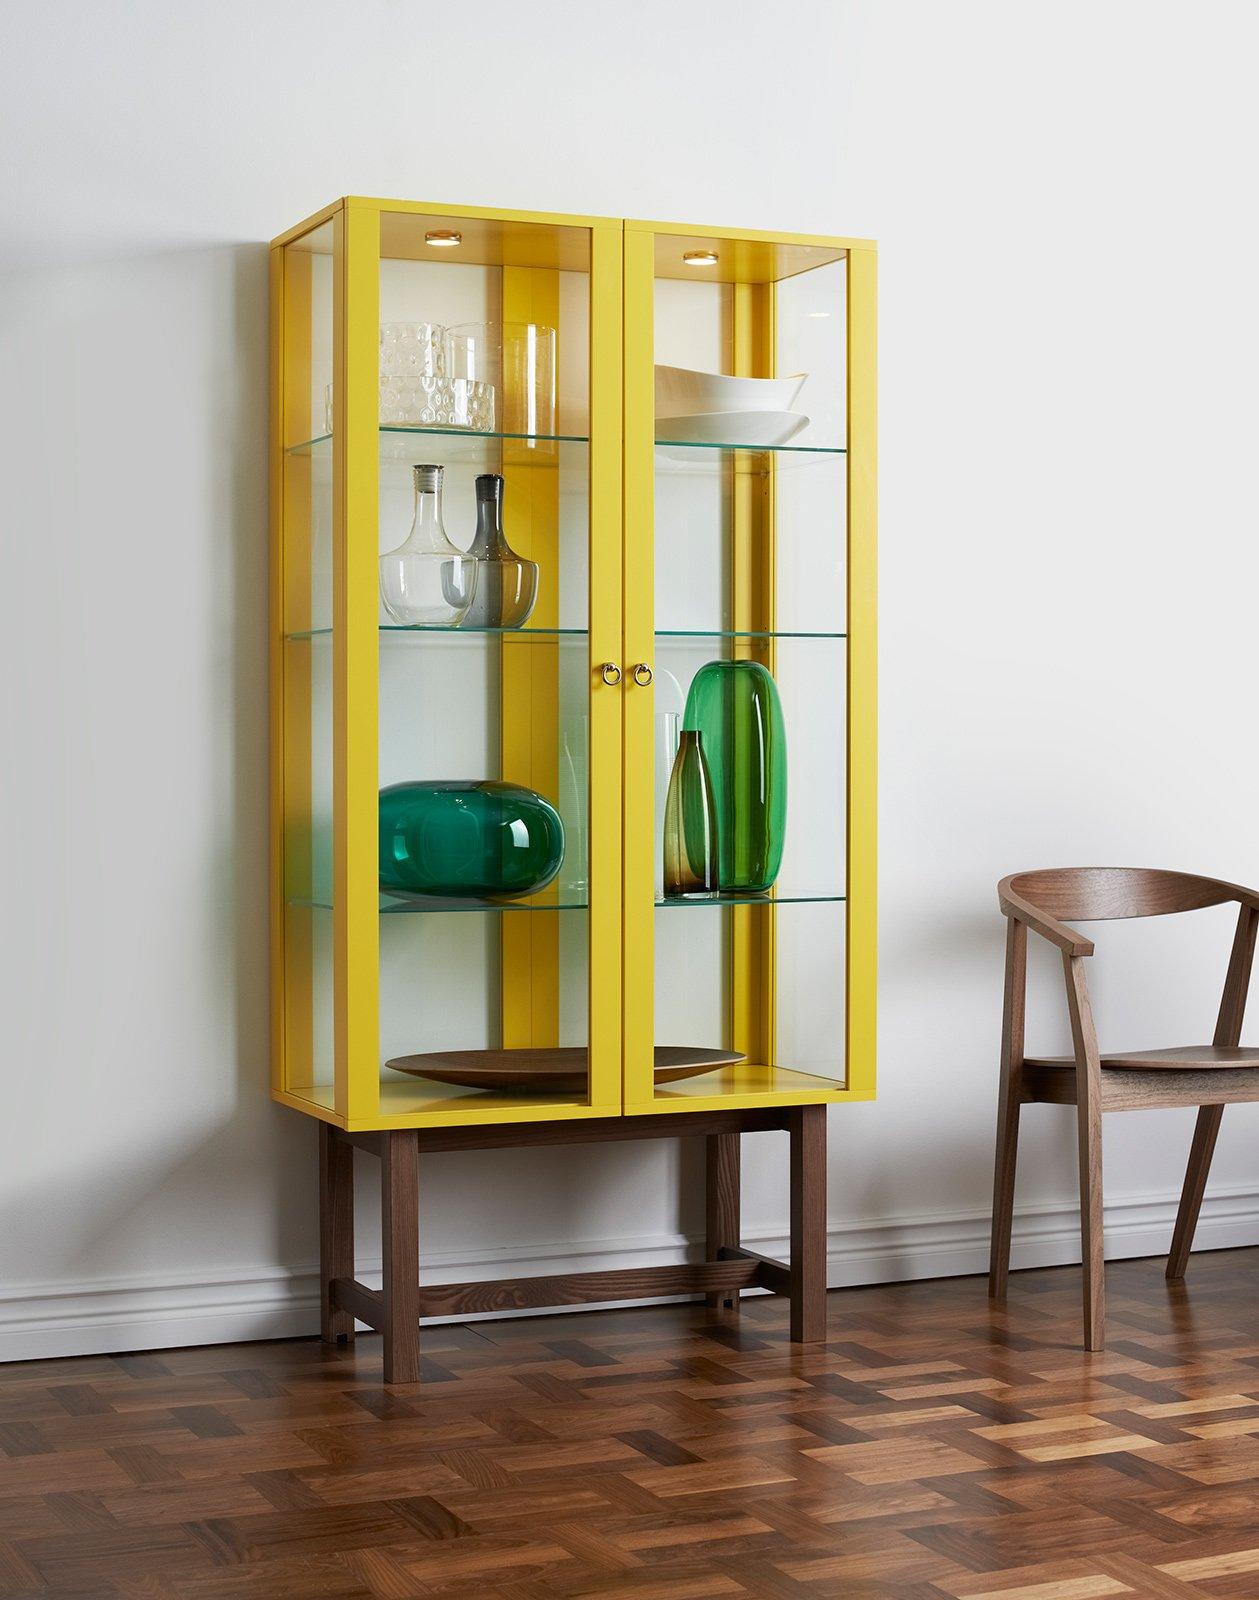 Mobili con anta in vetro cose di casa for Ikea contenitori vetro